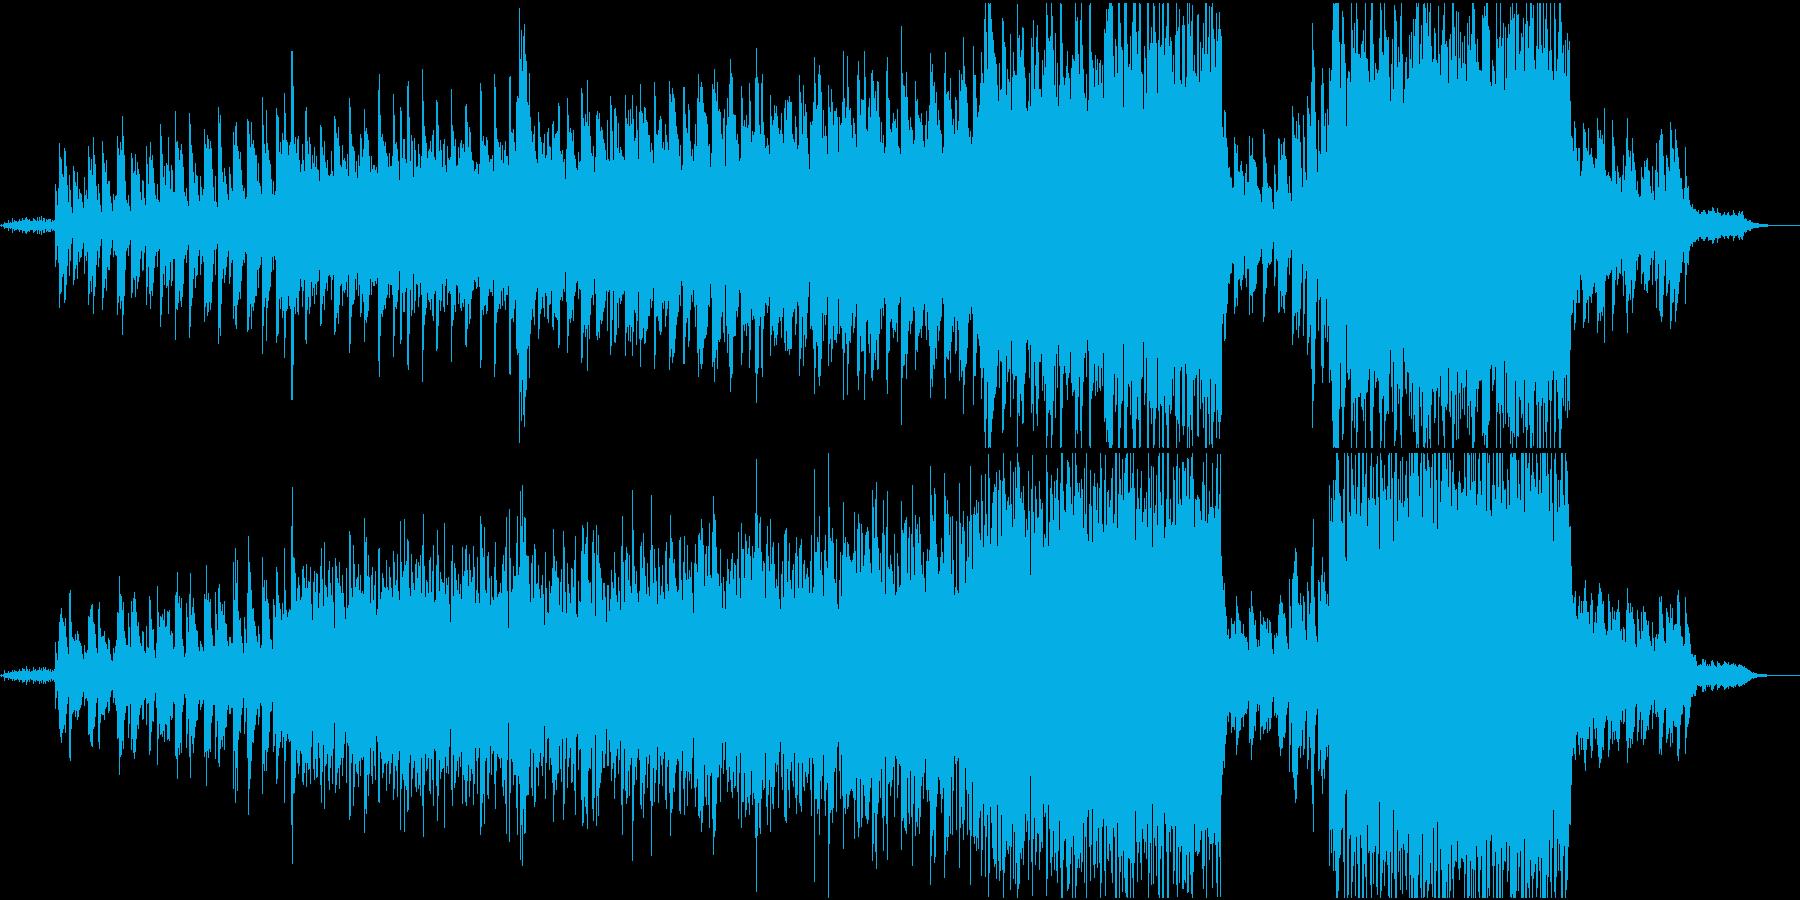 ピアノとストリングス主体の映像的な曲の再生済みの波形